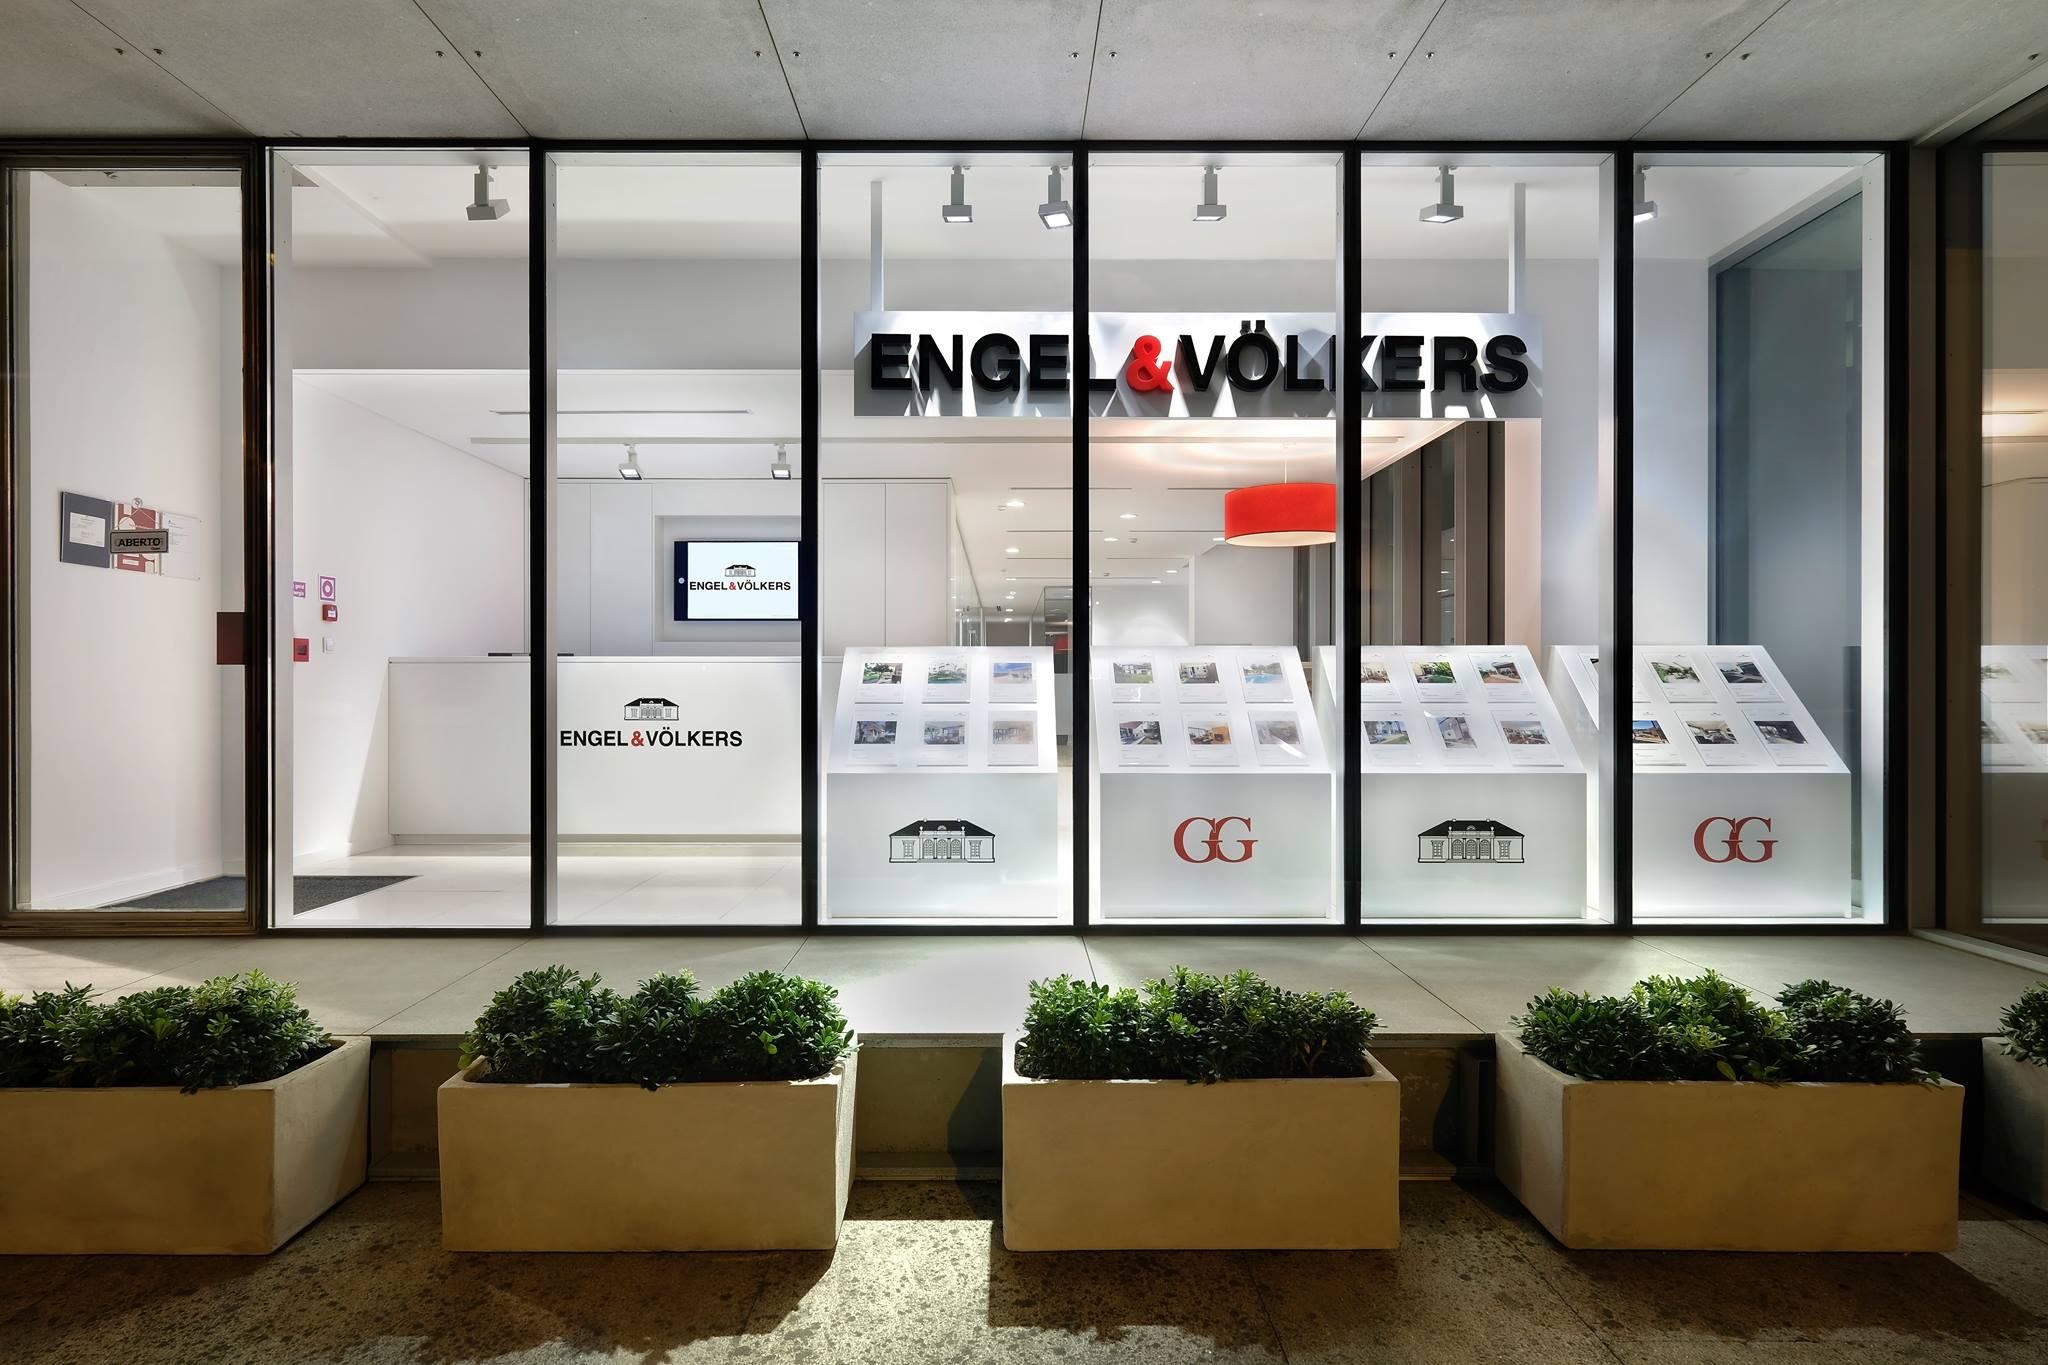 A nova loja, em Vila Nova de Gaia / Engel & Völkers